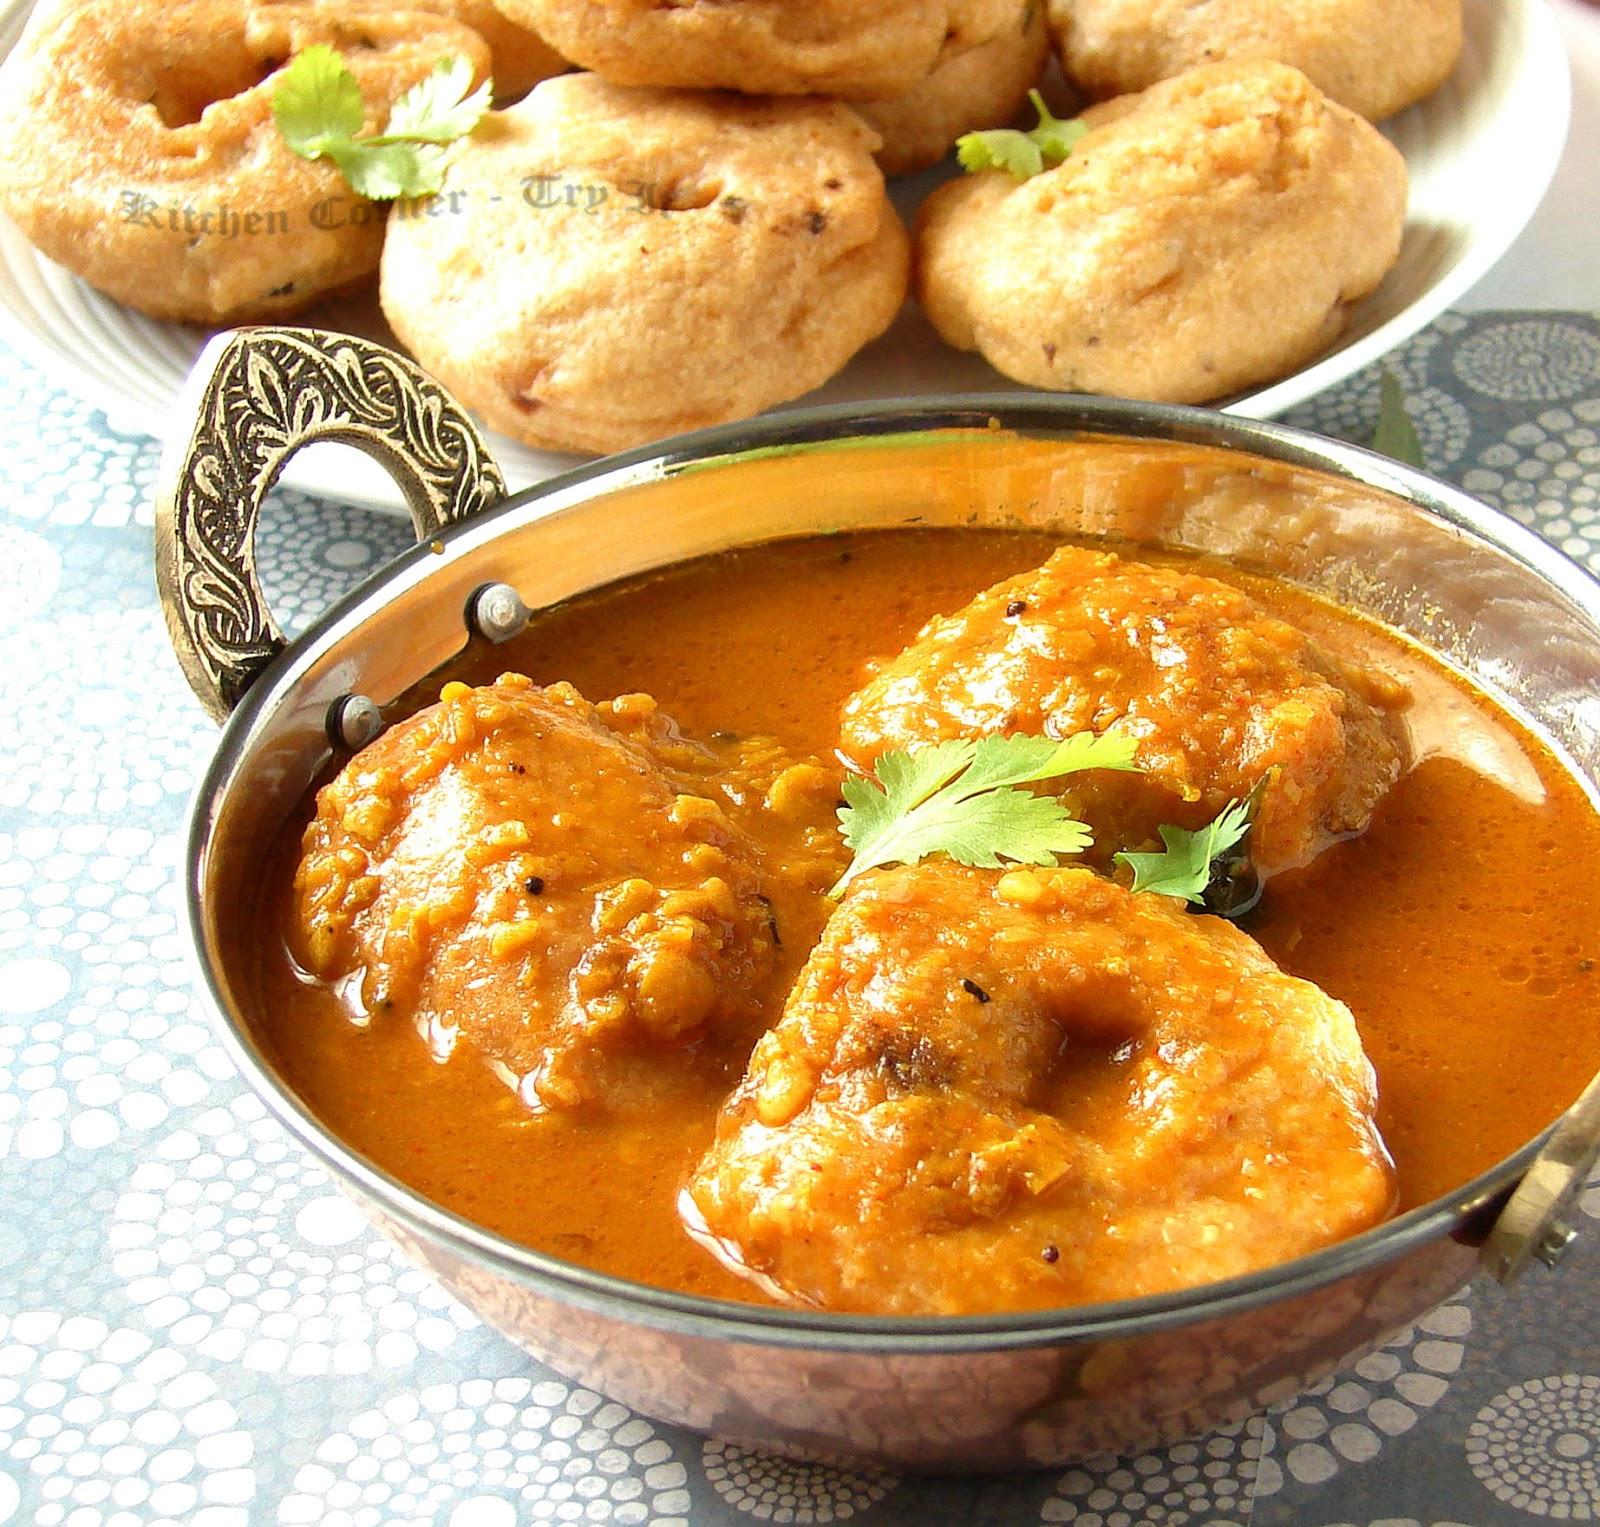 Sambar vada recipe how to make sambar vadai or vada sambar